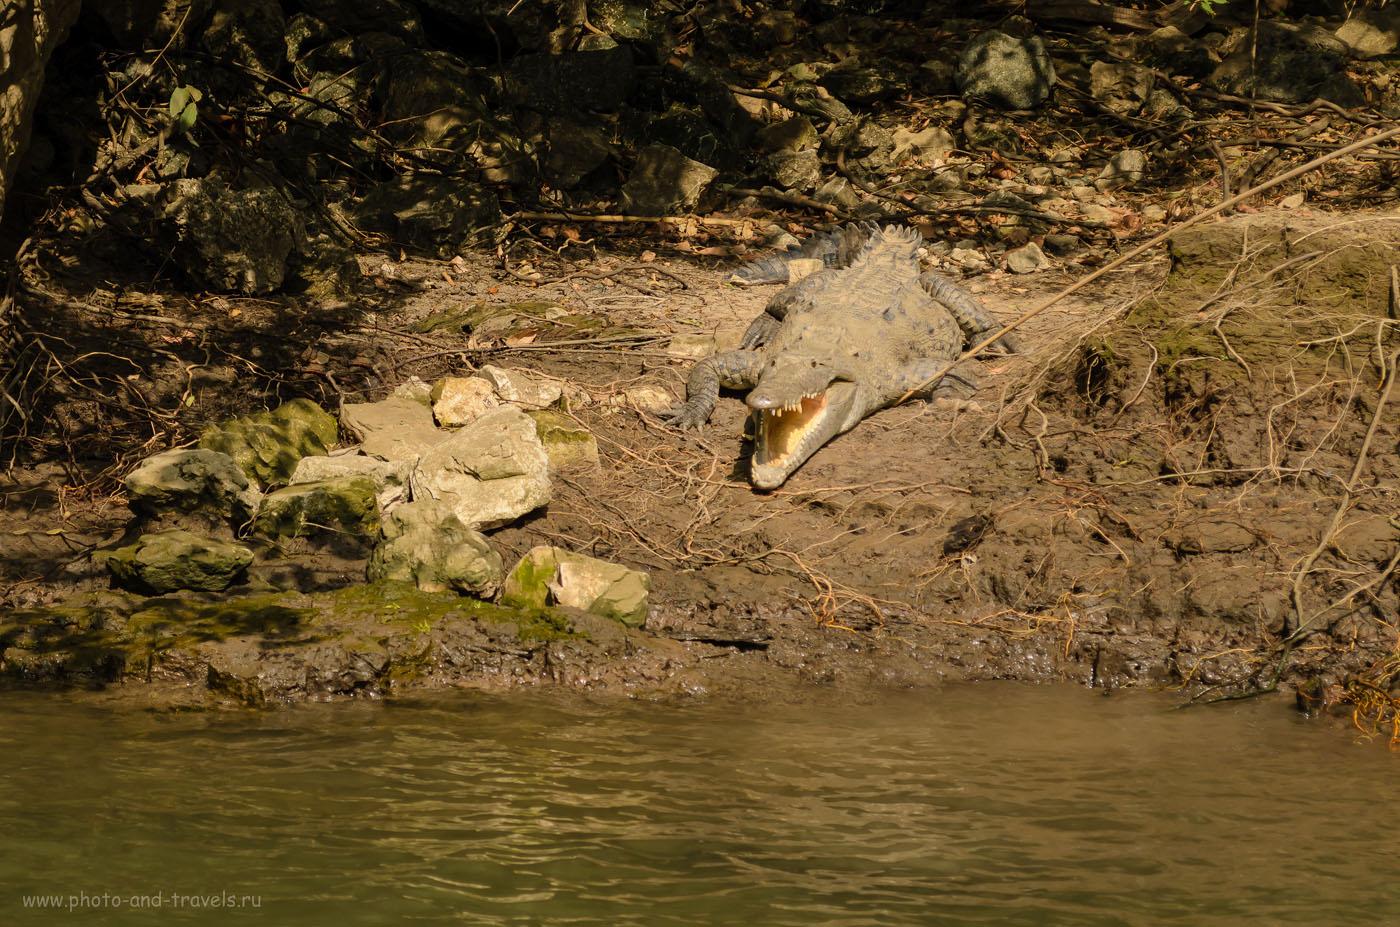 Фото 9. На берегах реки Грихальва (Grijalva), что протекает по дну каньона Sumidero. Поездка по Мексике самостоятельно. Отчеты туристов